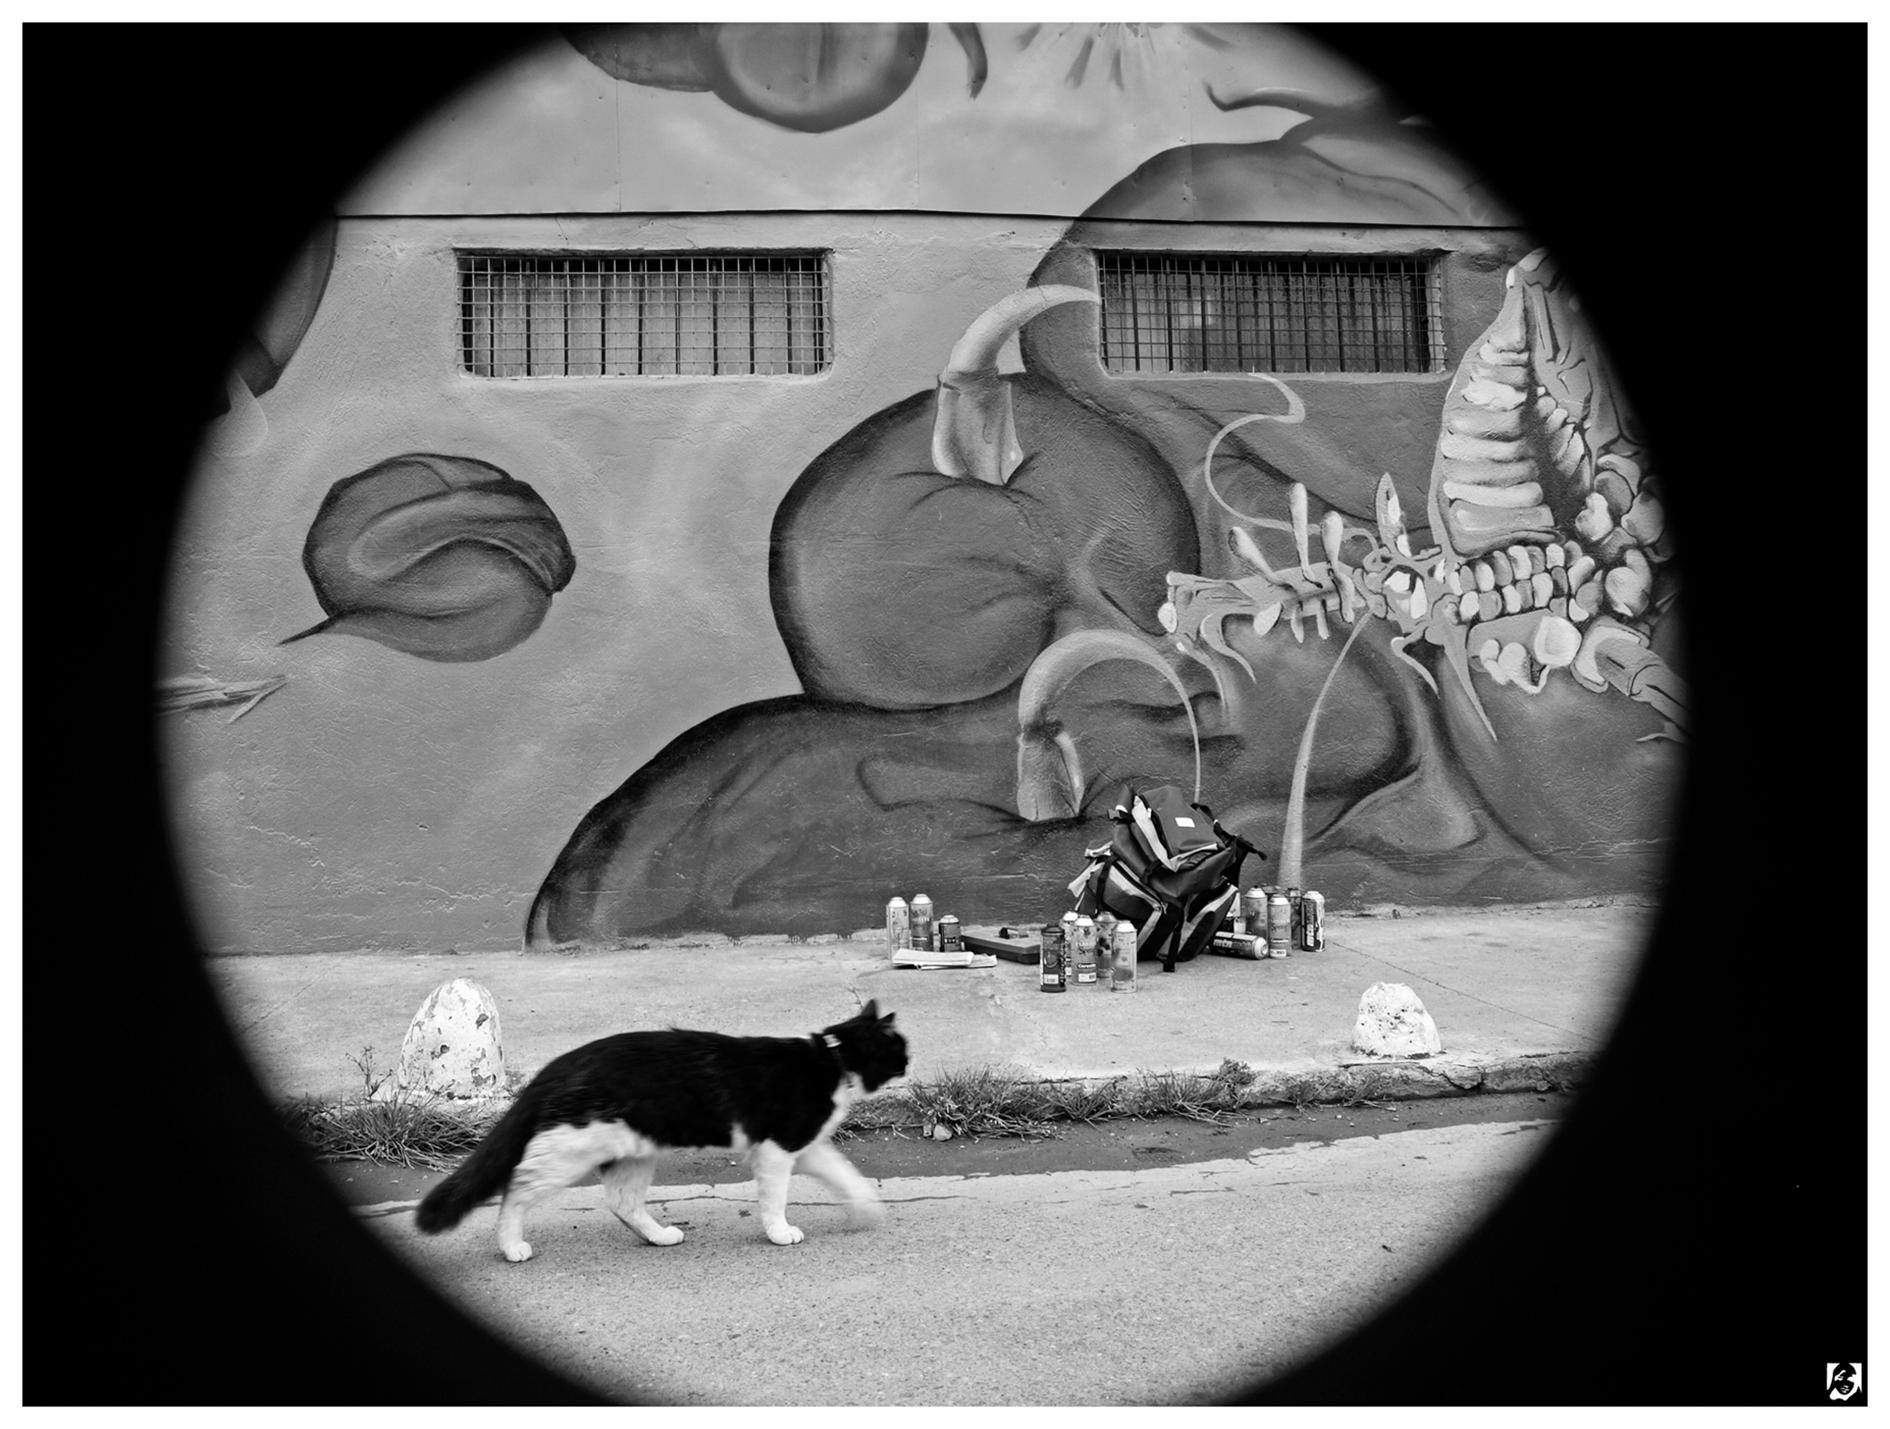 Chamblas_Sept 2008_Muro Maipu